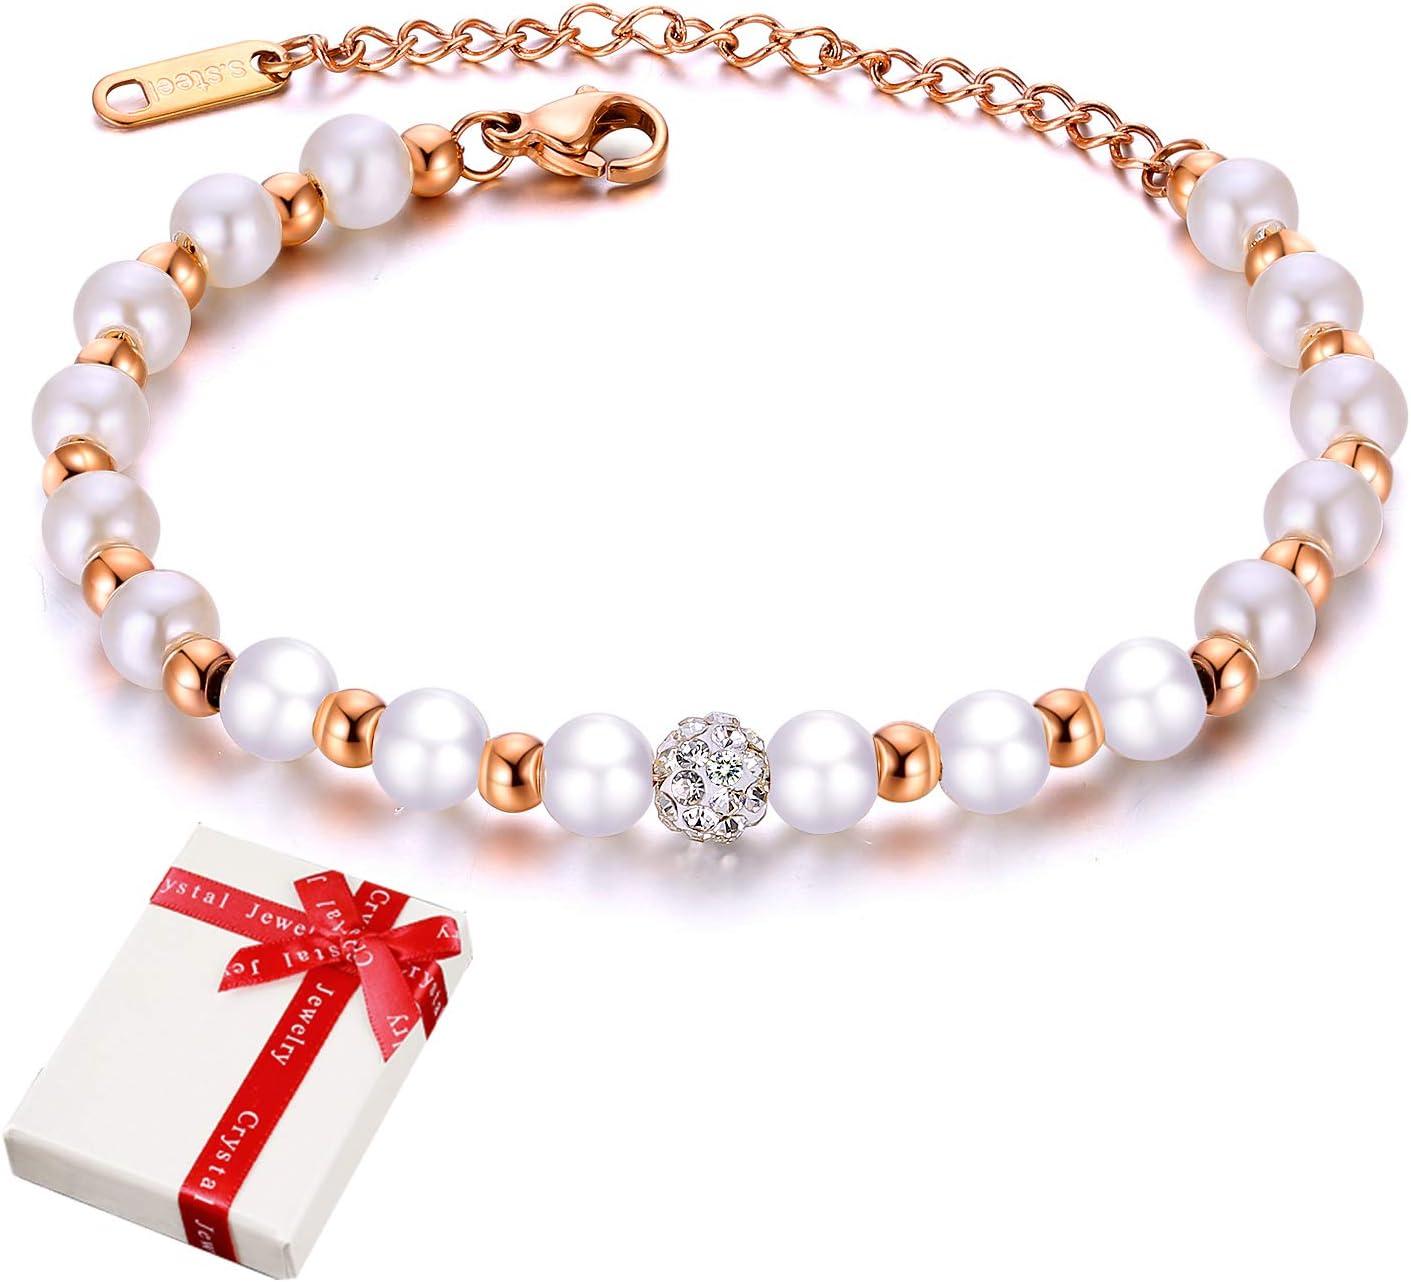 Pulsera de mujer Perlas blancas con joyas de piedras preciosas de cristal para mujer Niña, dijes Pulseras de circonita cúbica acero inoxidable de oro rosa Regalo para Navidad Día Cumpleaños Boda 21cm